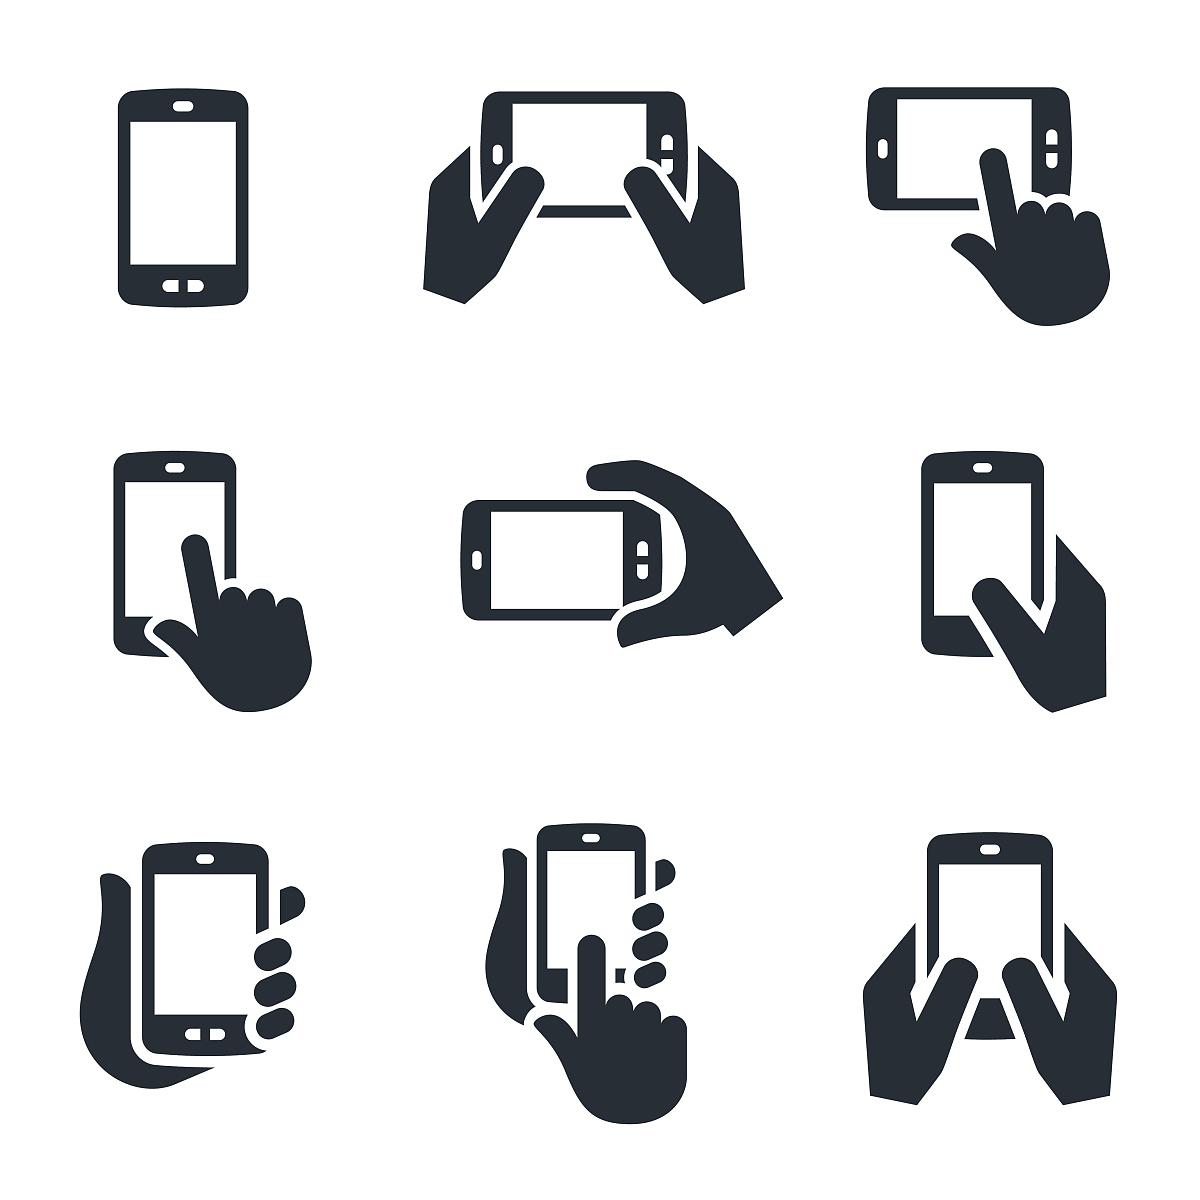 网络手机图标 天猫商家怒告苹果:App Store图标撞脸涉侵权